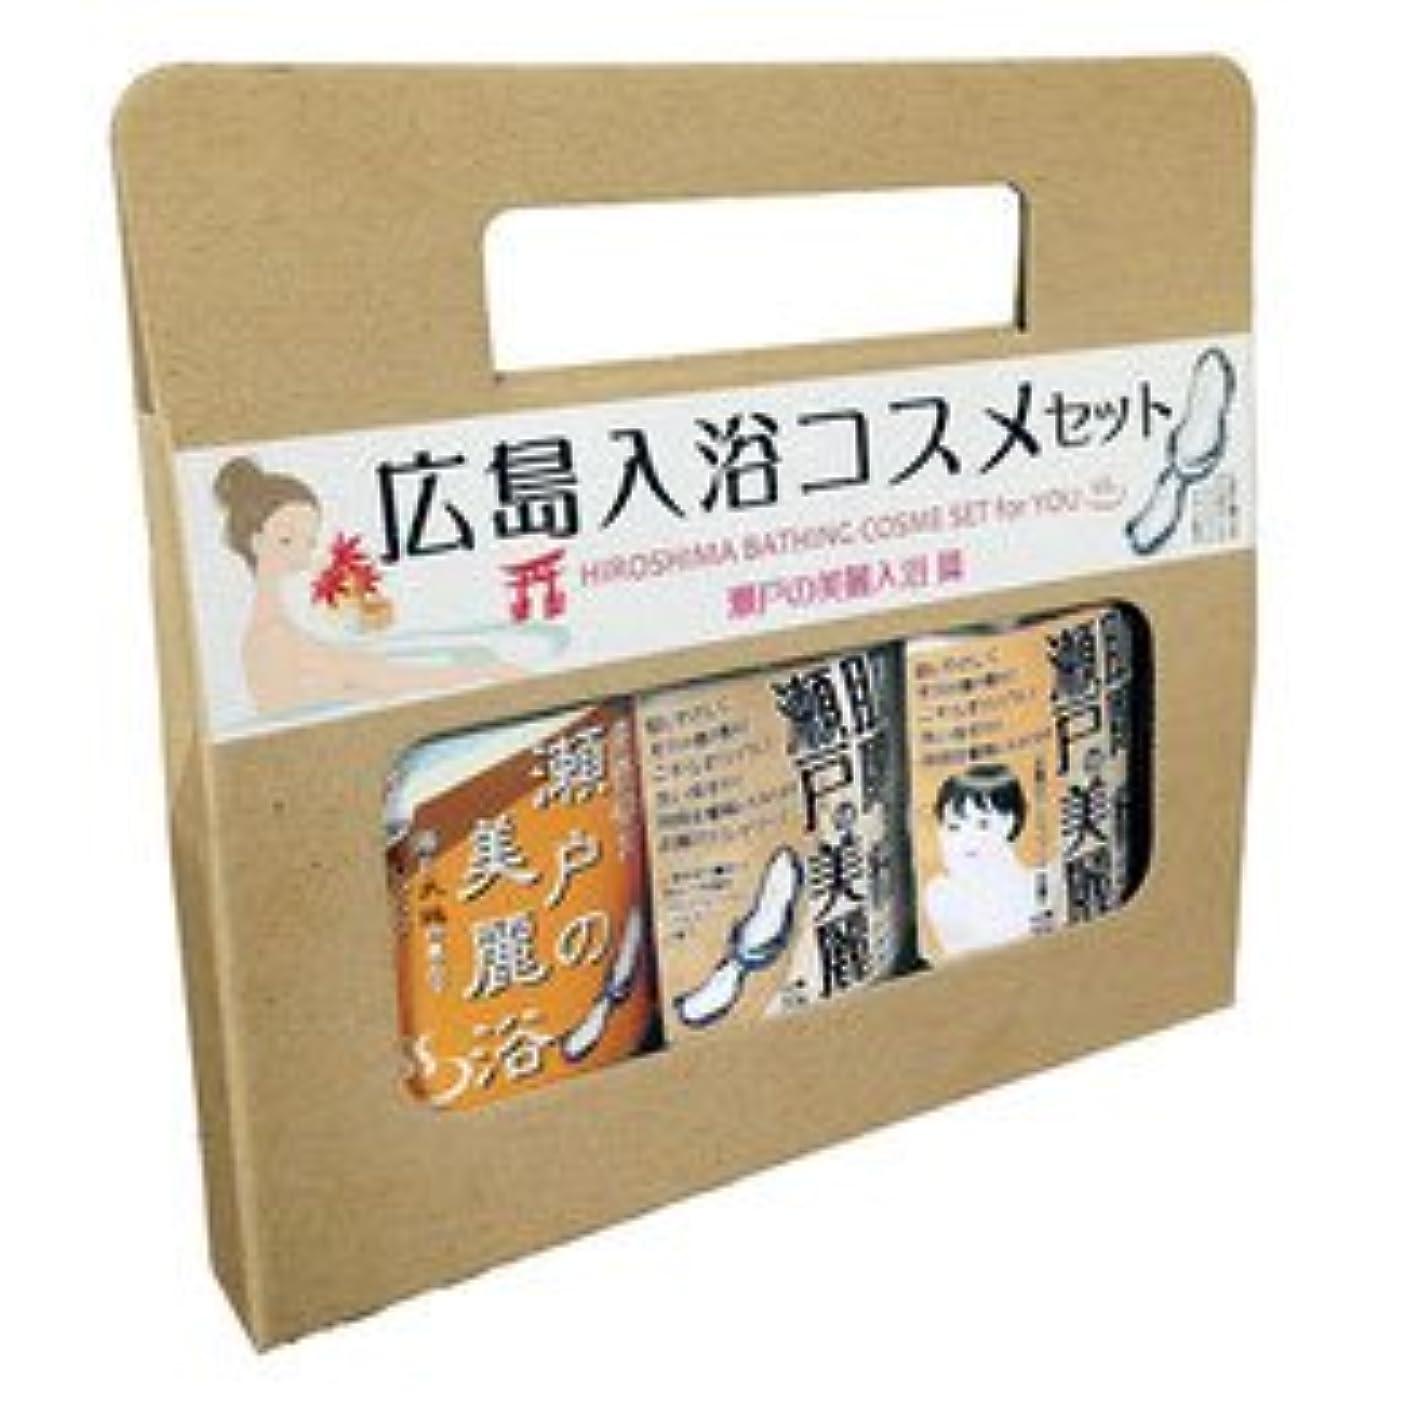 マスクやさしく適度に広島入浴コスメセット瀬戸美麗3袋入 #767019【石井五商店】